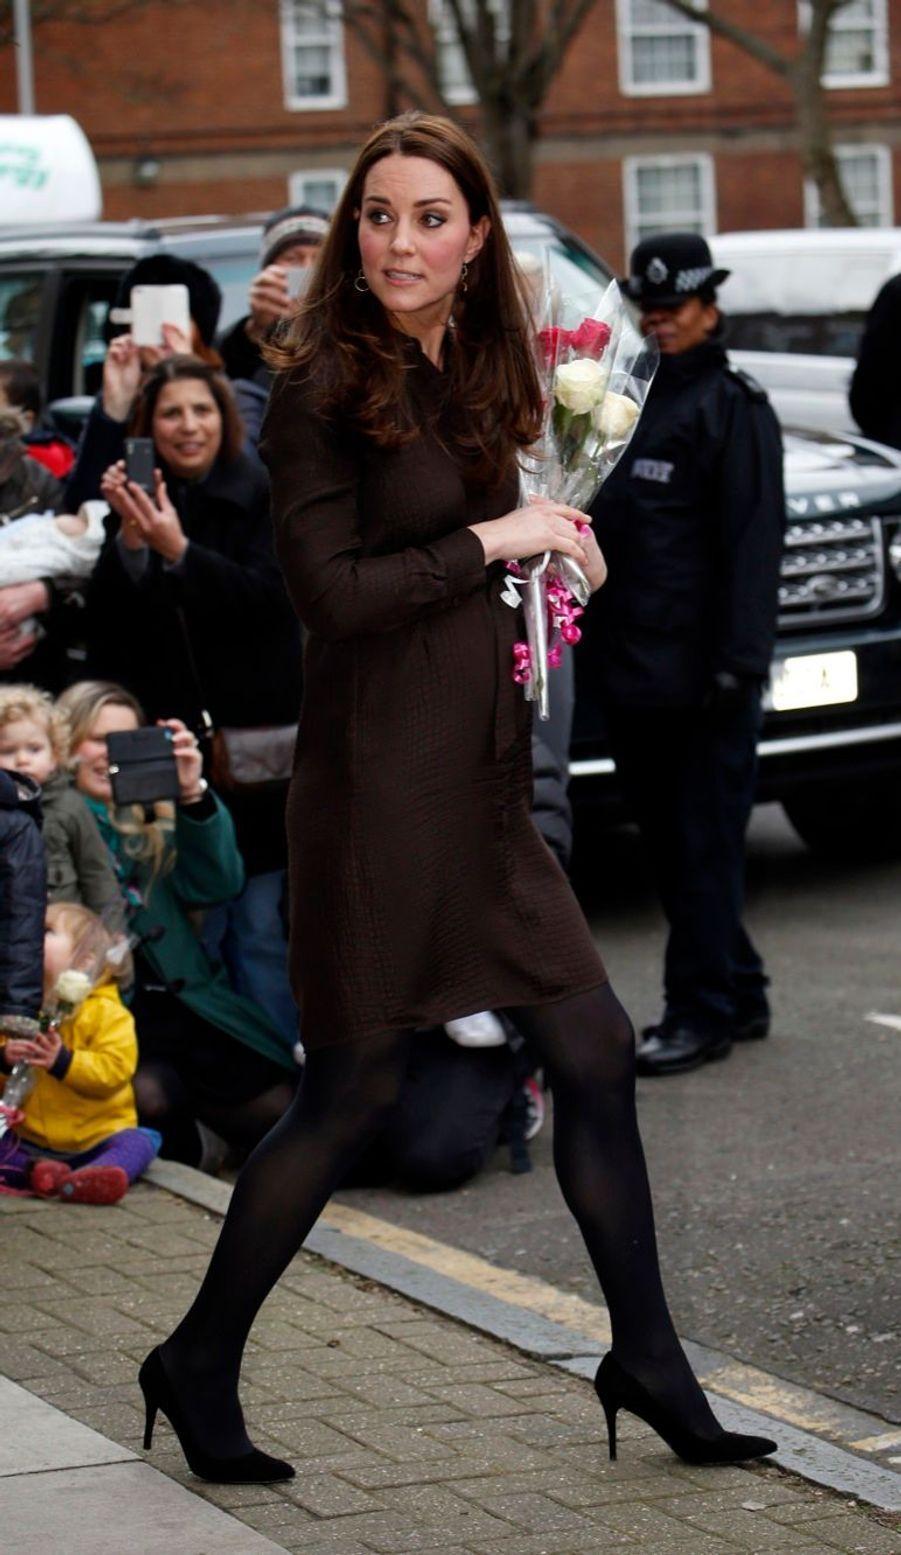 36 La Duchesse De Cambridge, Née Kate Middleton, En Visite Dans Une Association De Familles D'accueil